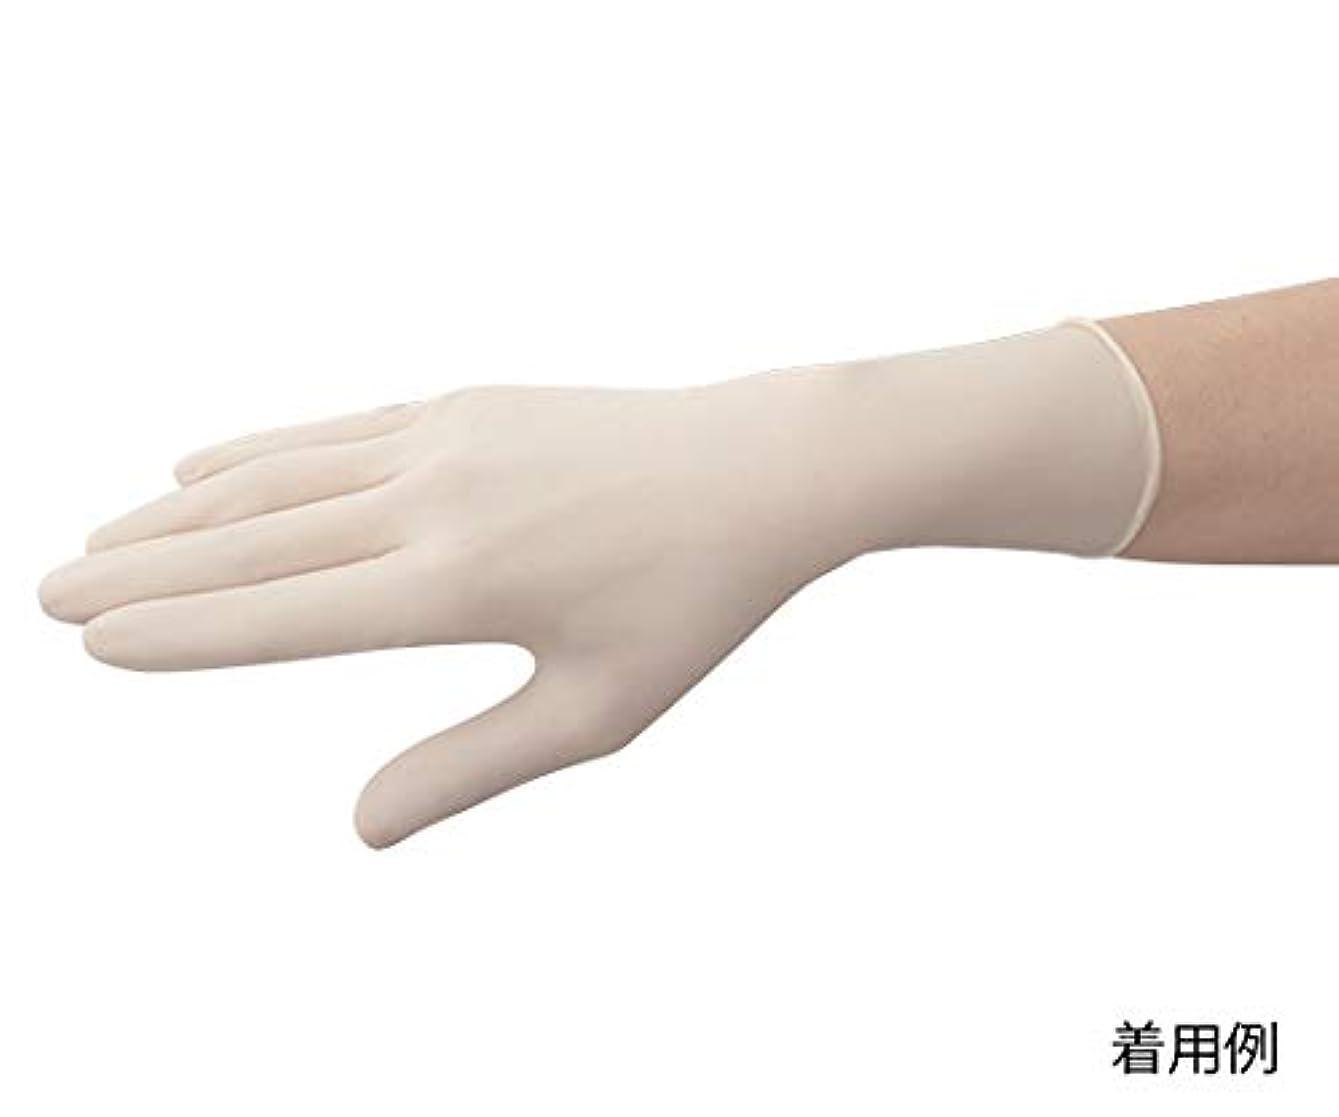 学んだ振り向く対話東レ?メディカル 手術用手袋メディグリップ パウダーフリー50双 8160MG